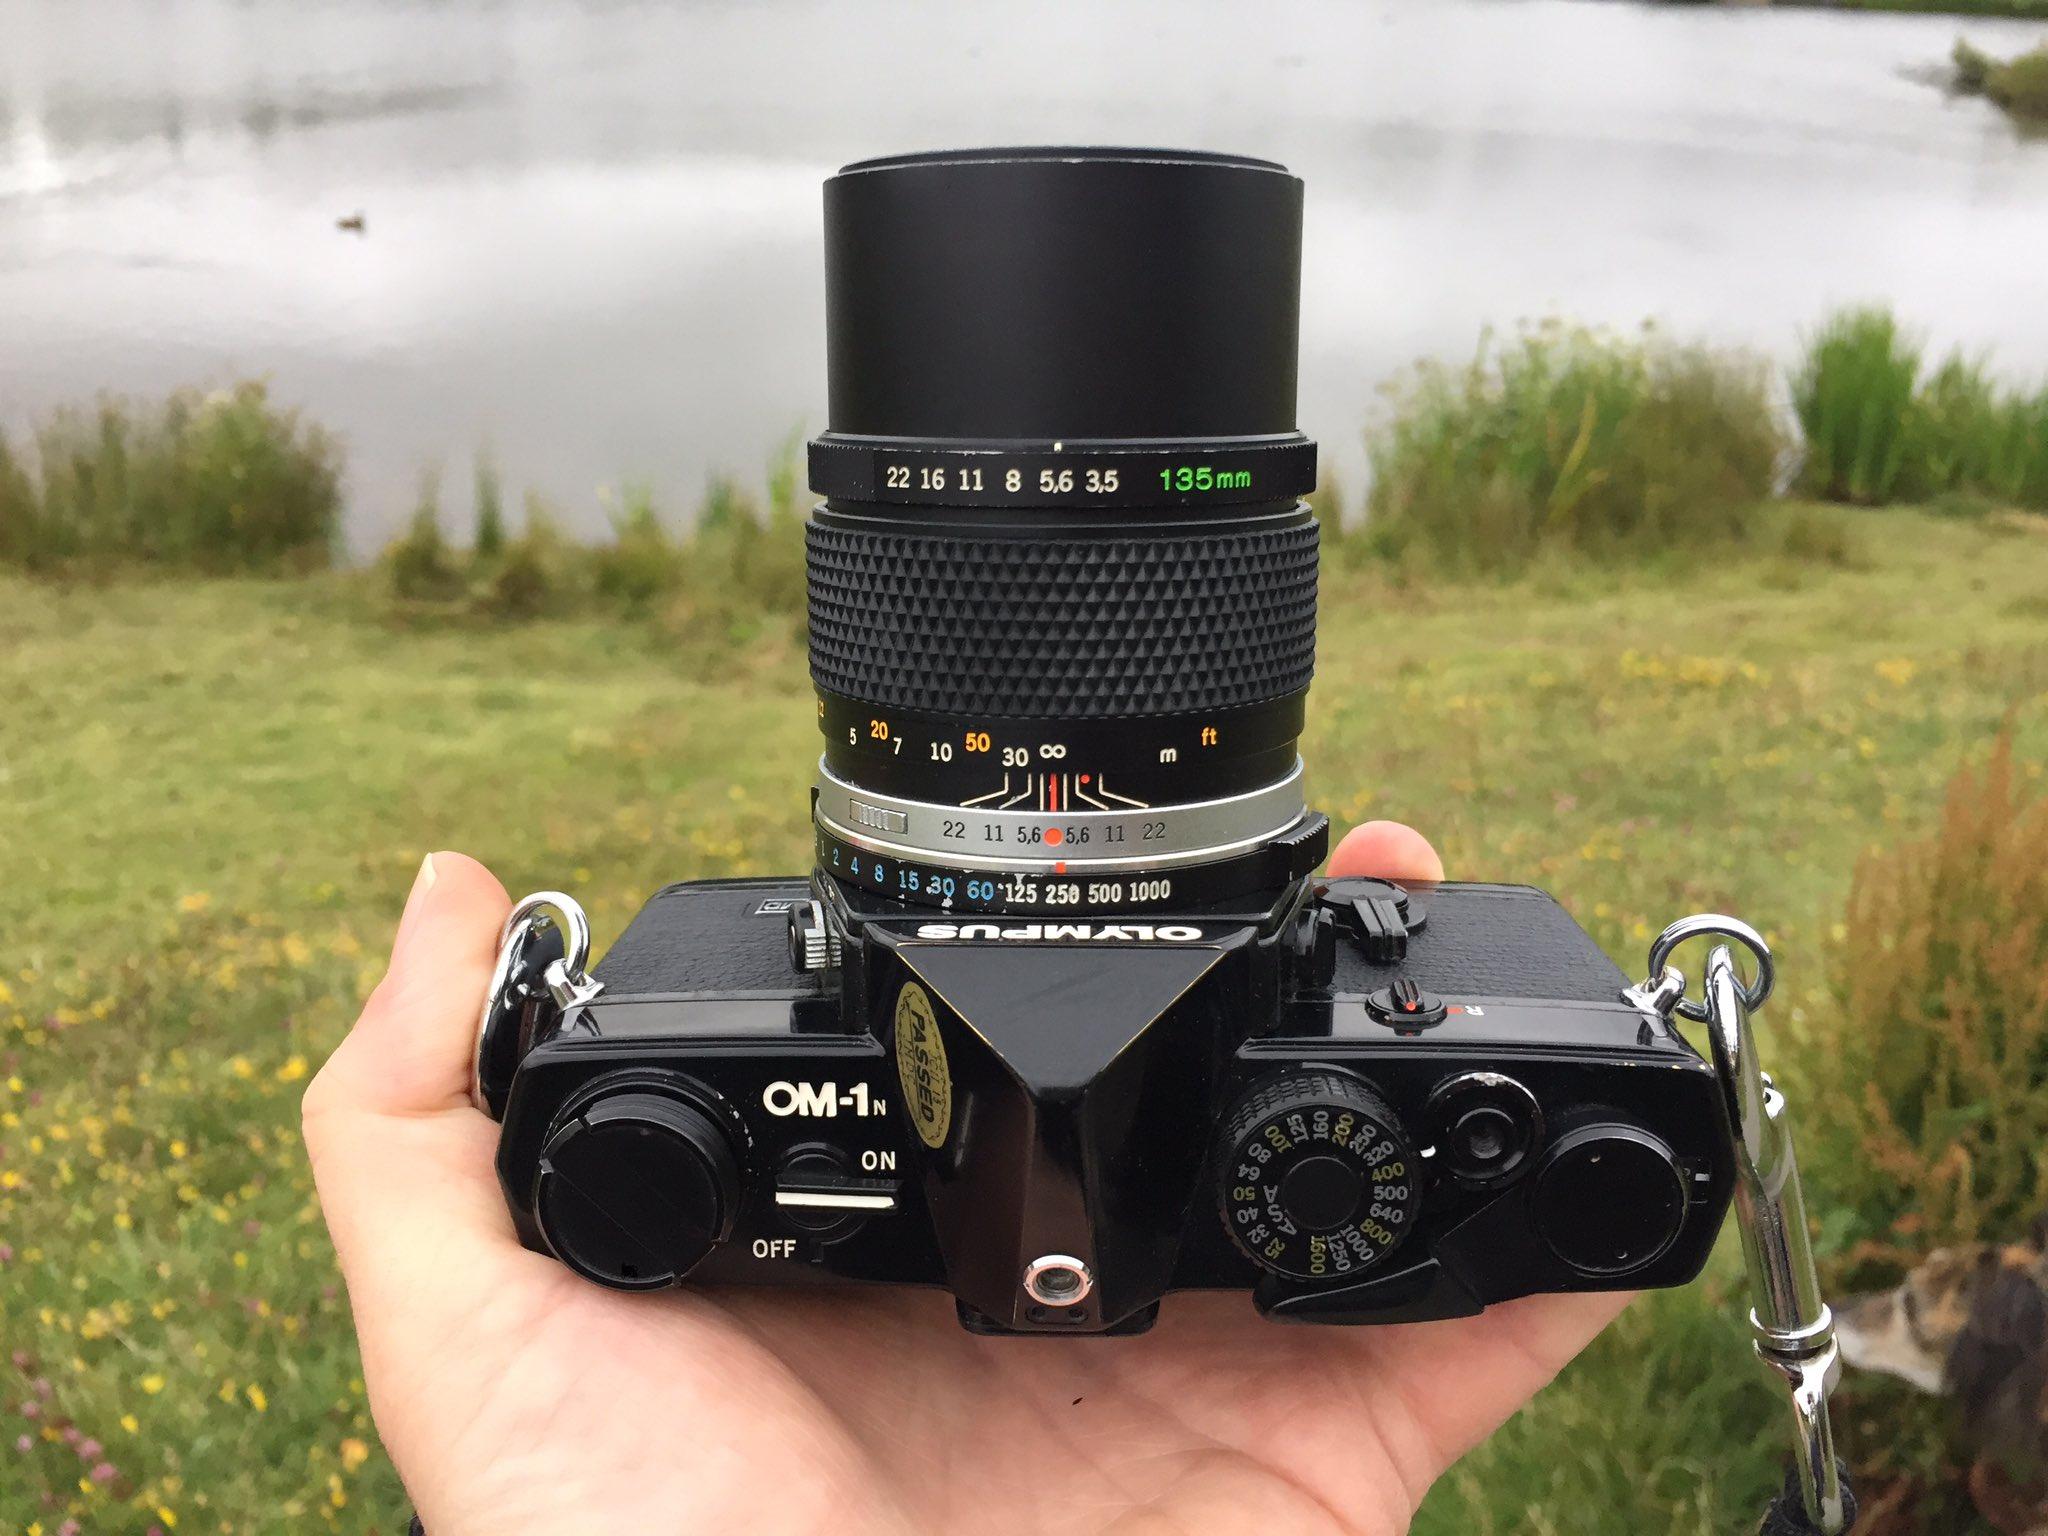 Olympus 0M1n with 135mm lens